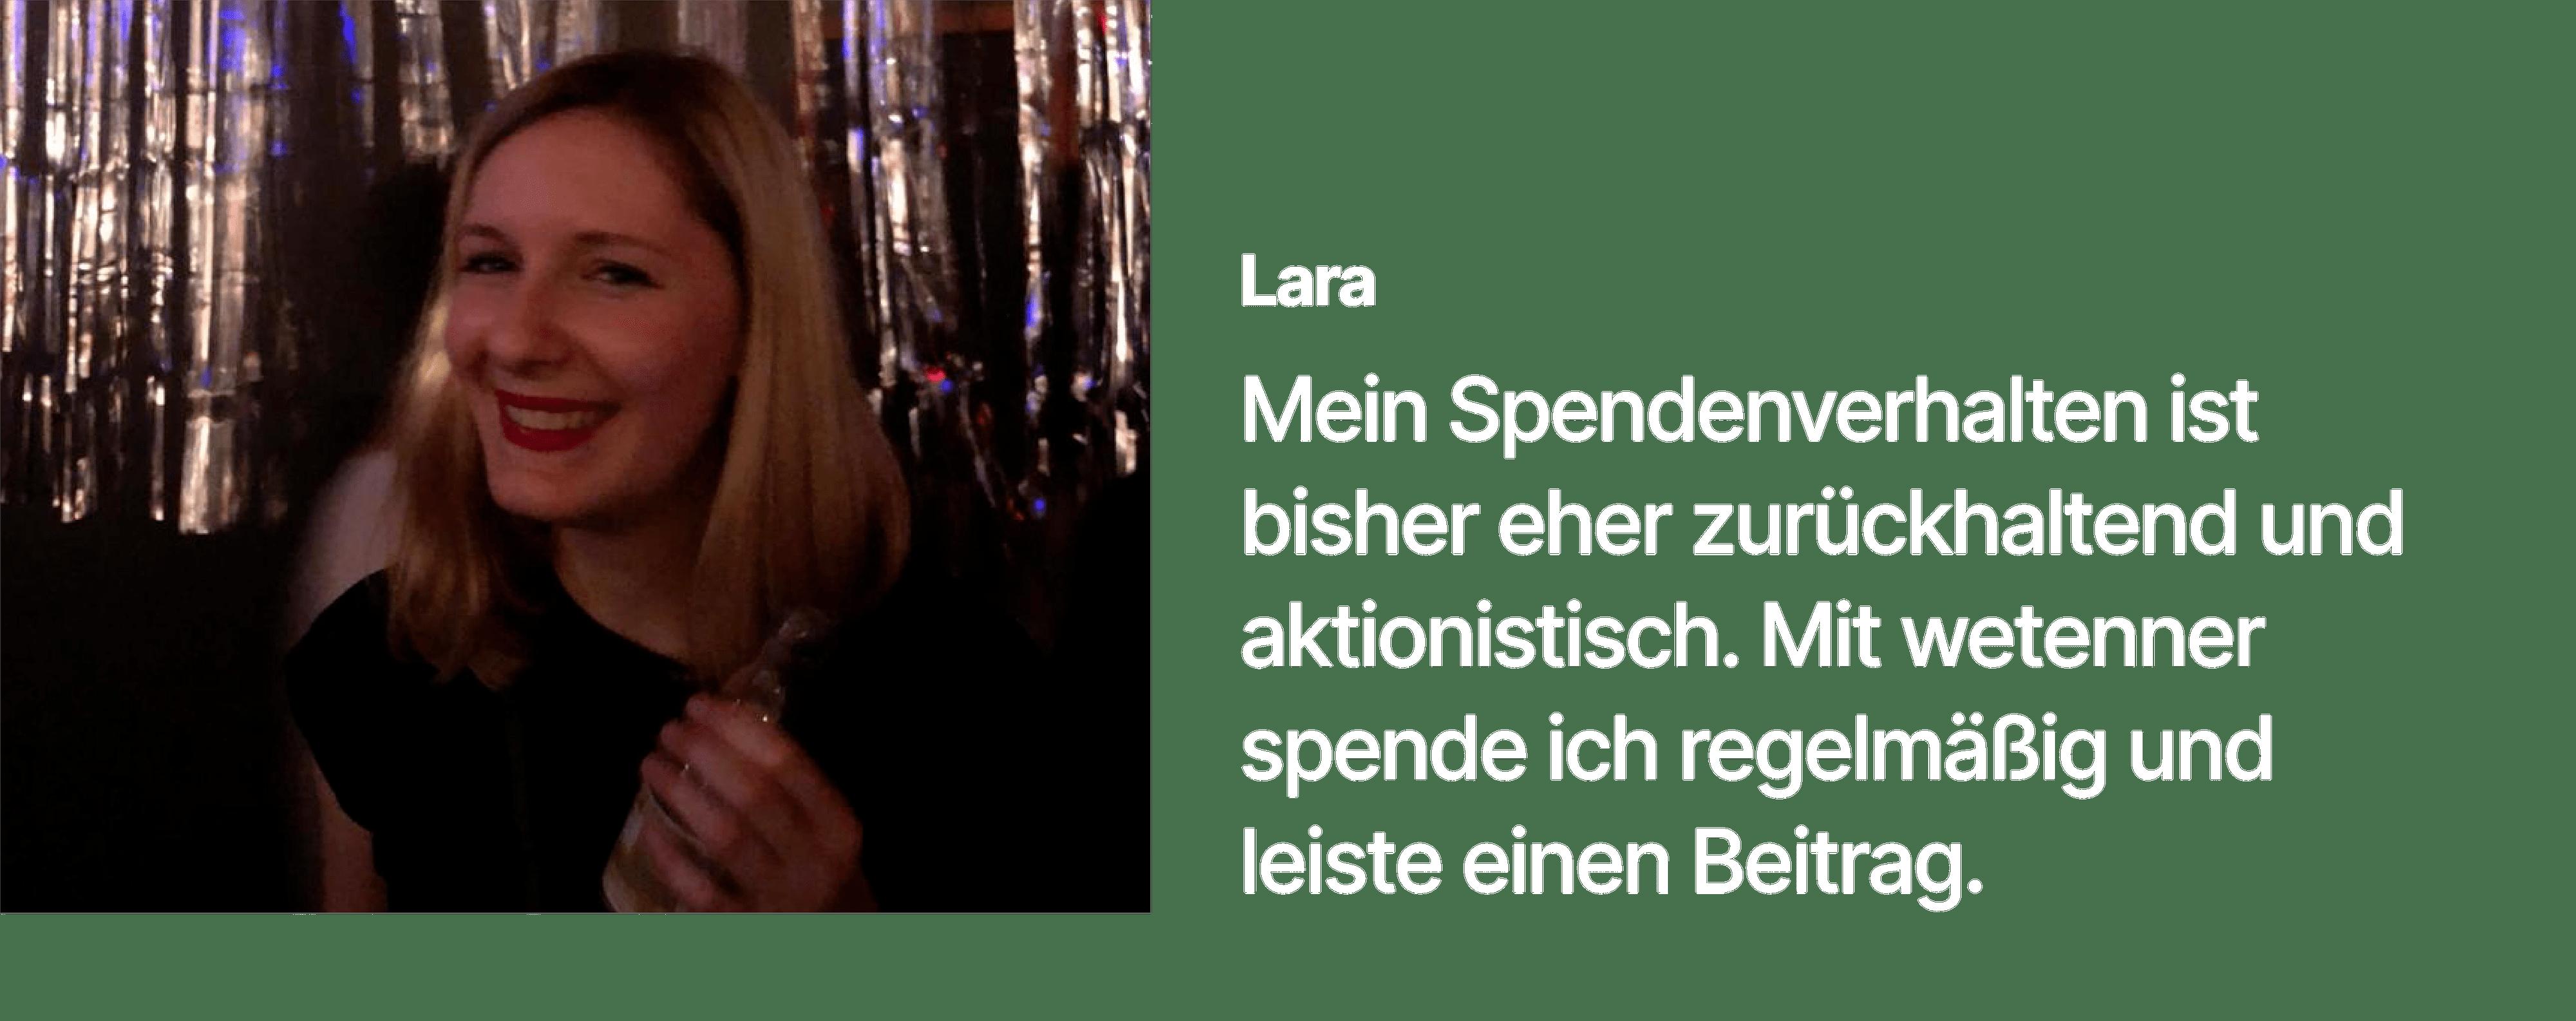 wetenner_testimonials_lara